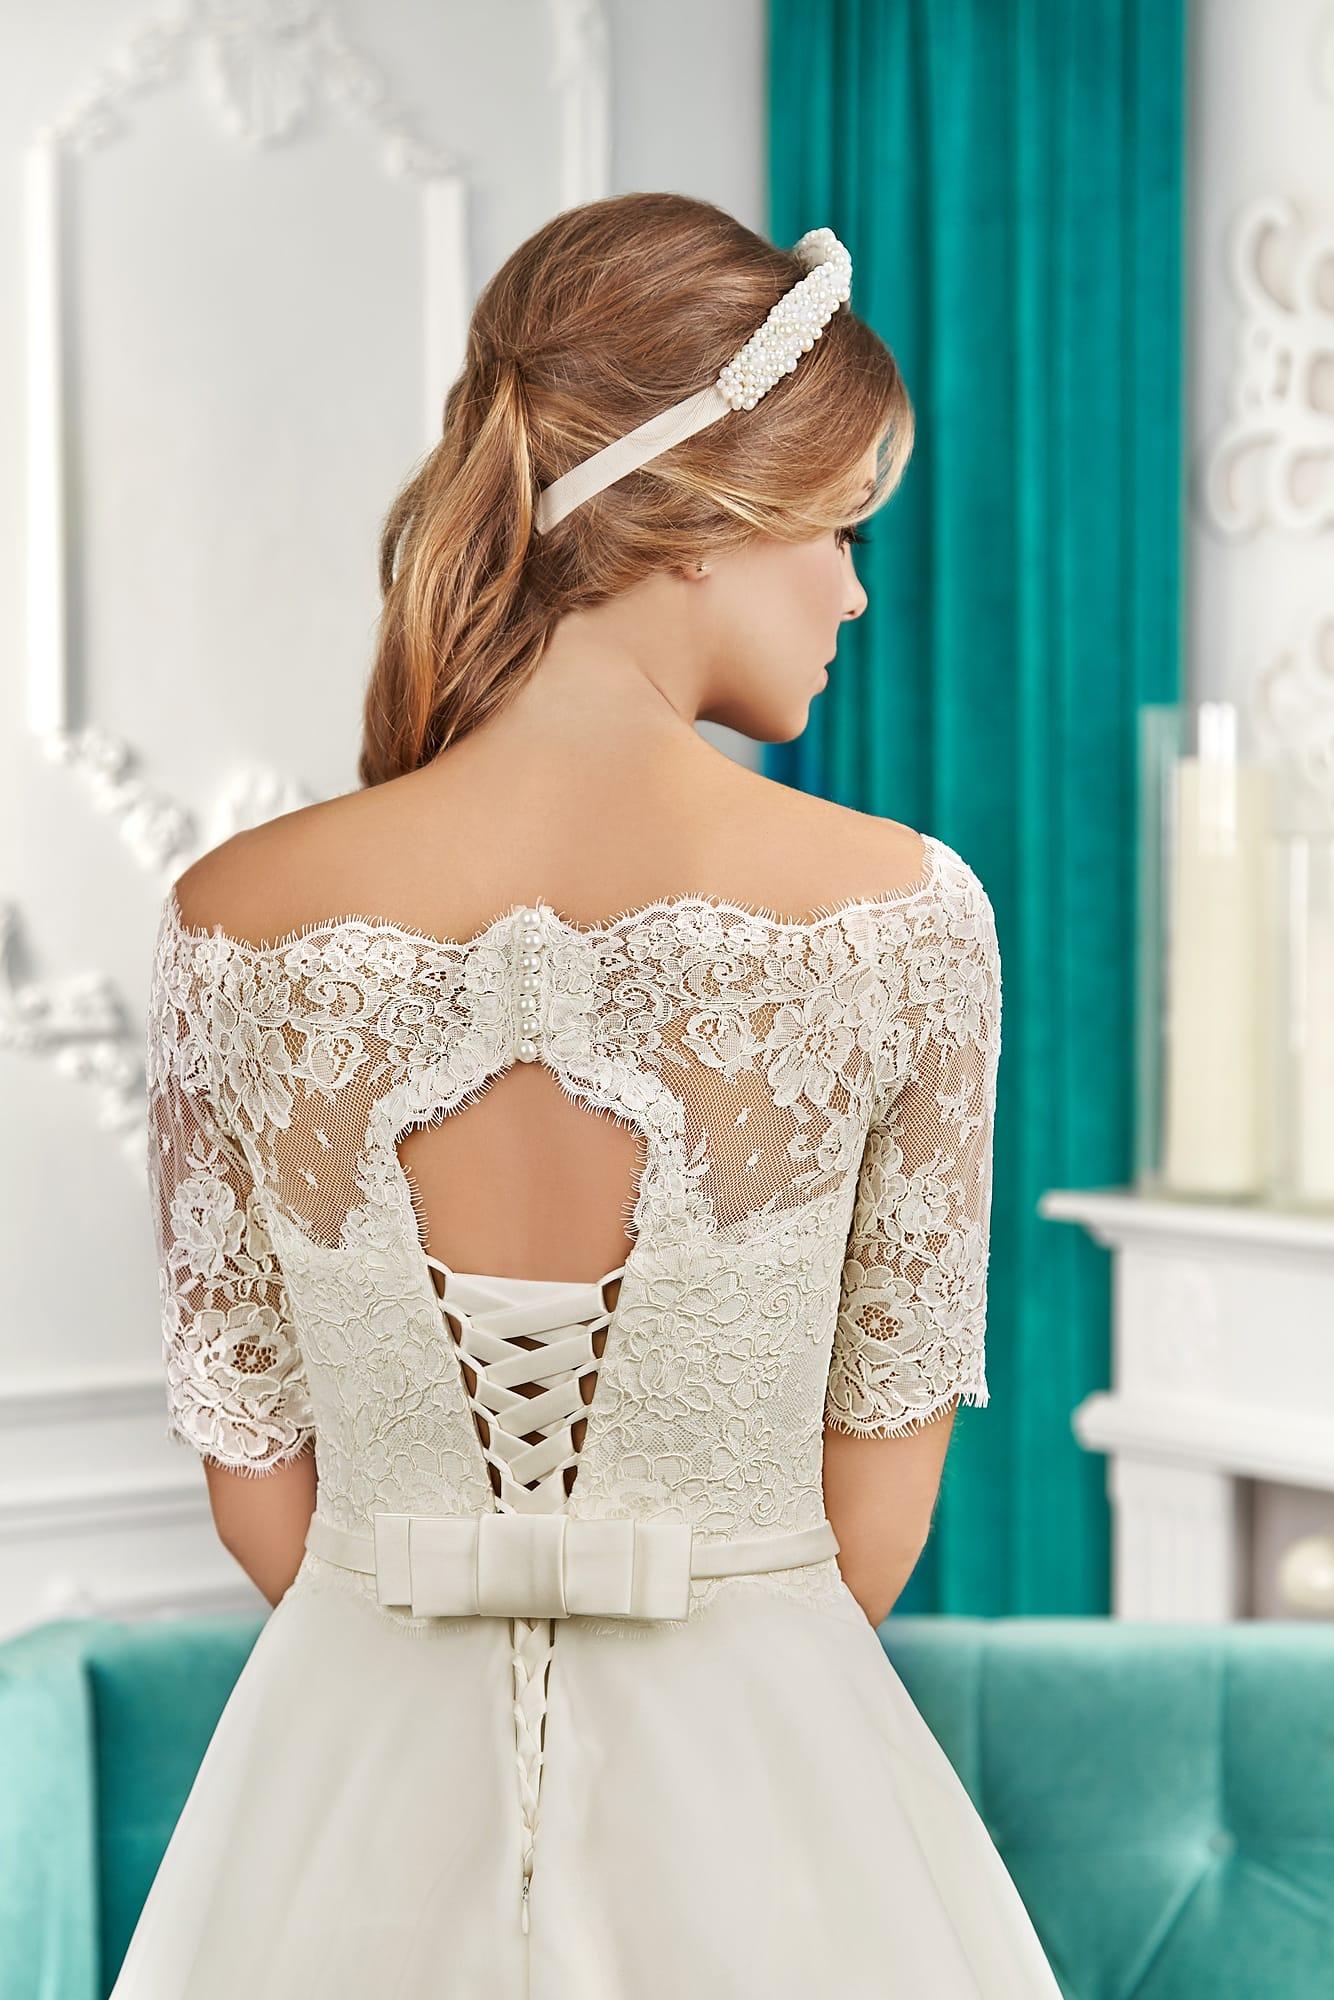 Свадебное платье силуэта «принцесса» с портретным декольте и рукавами длиной ниже локтя.